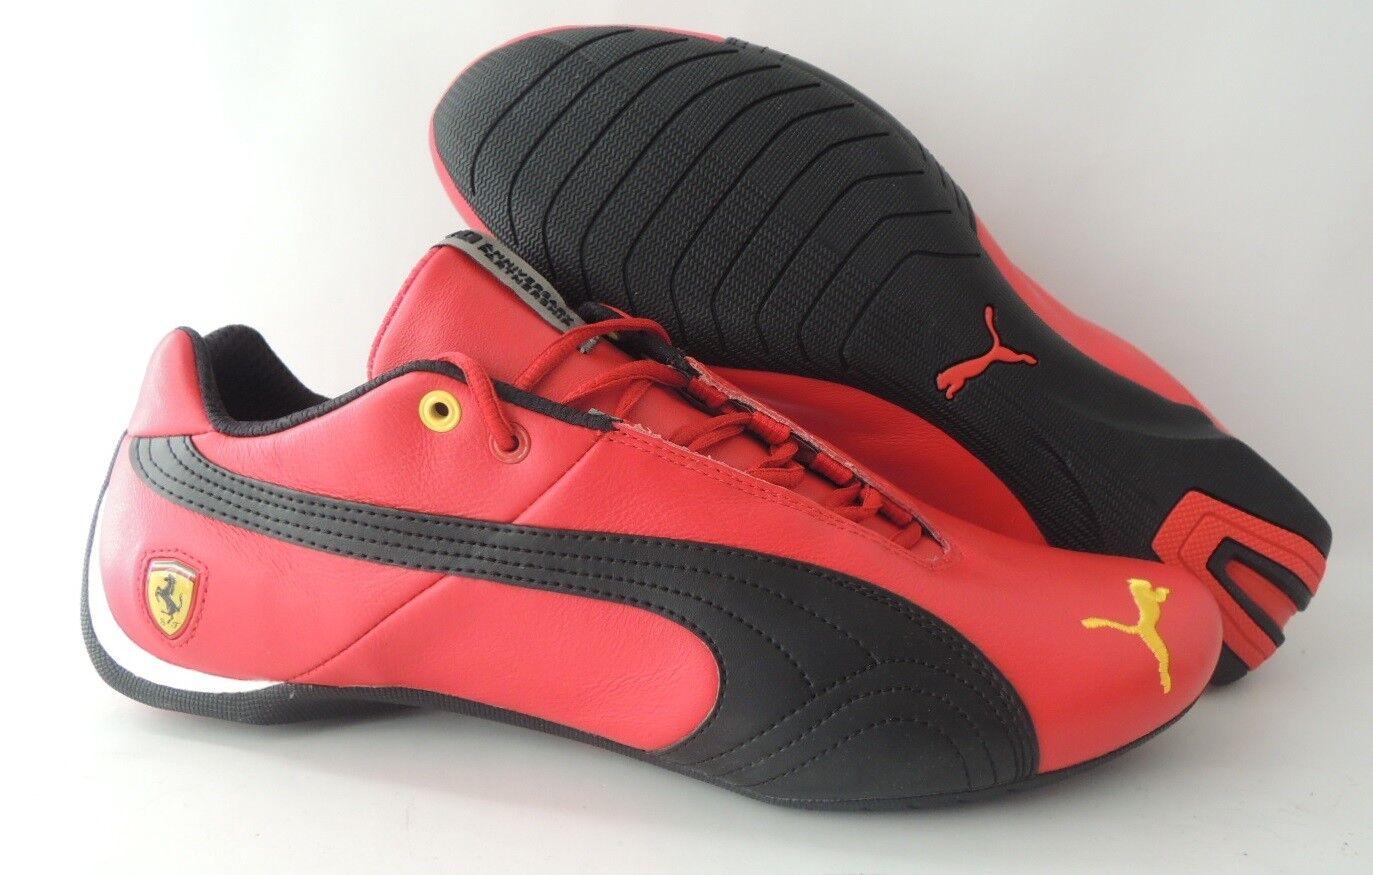 NEU Puma Future Cat Leather SF -10- Gr. 40,5 Sneaker Lifestyle Schuhe 305470-04